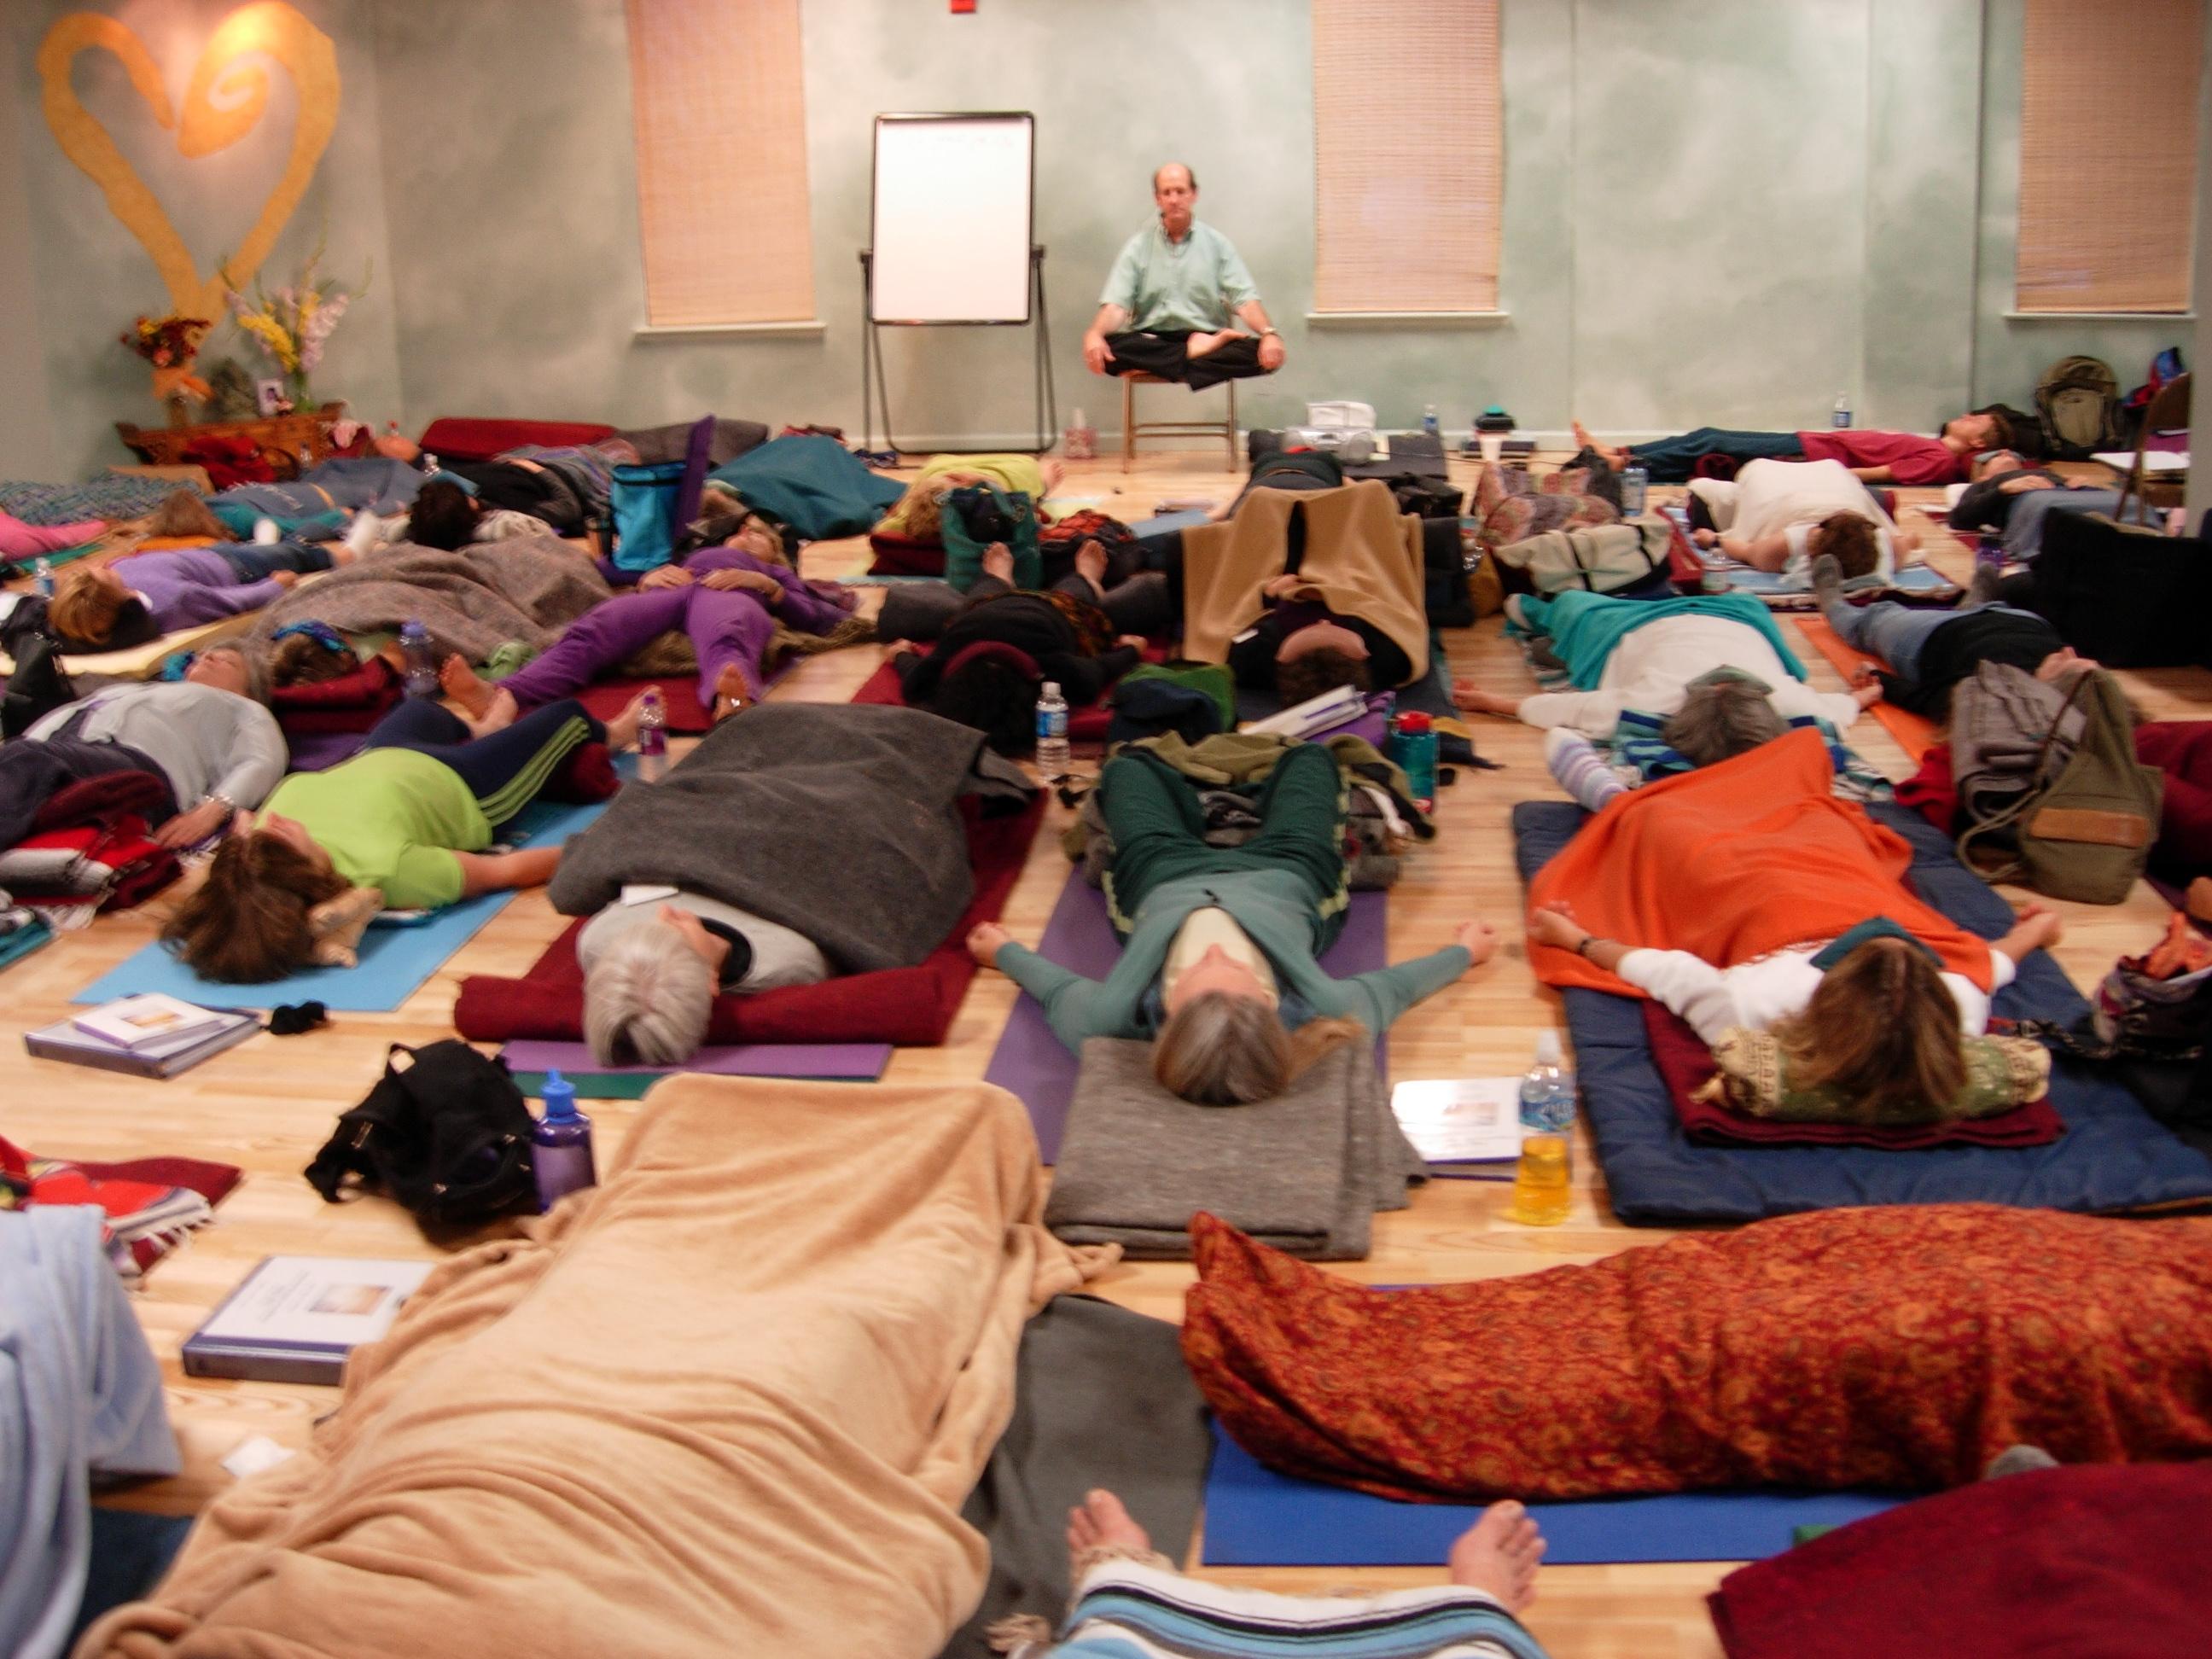 【対談】iRestとヨガニドラ-意識、瞑想、健康回復について